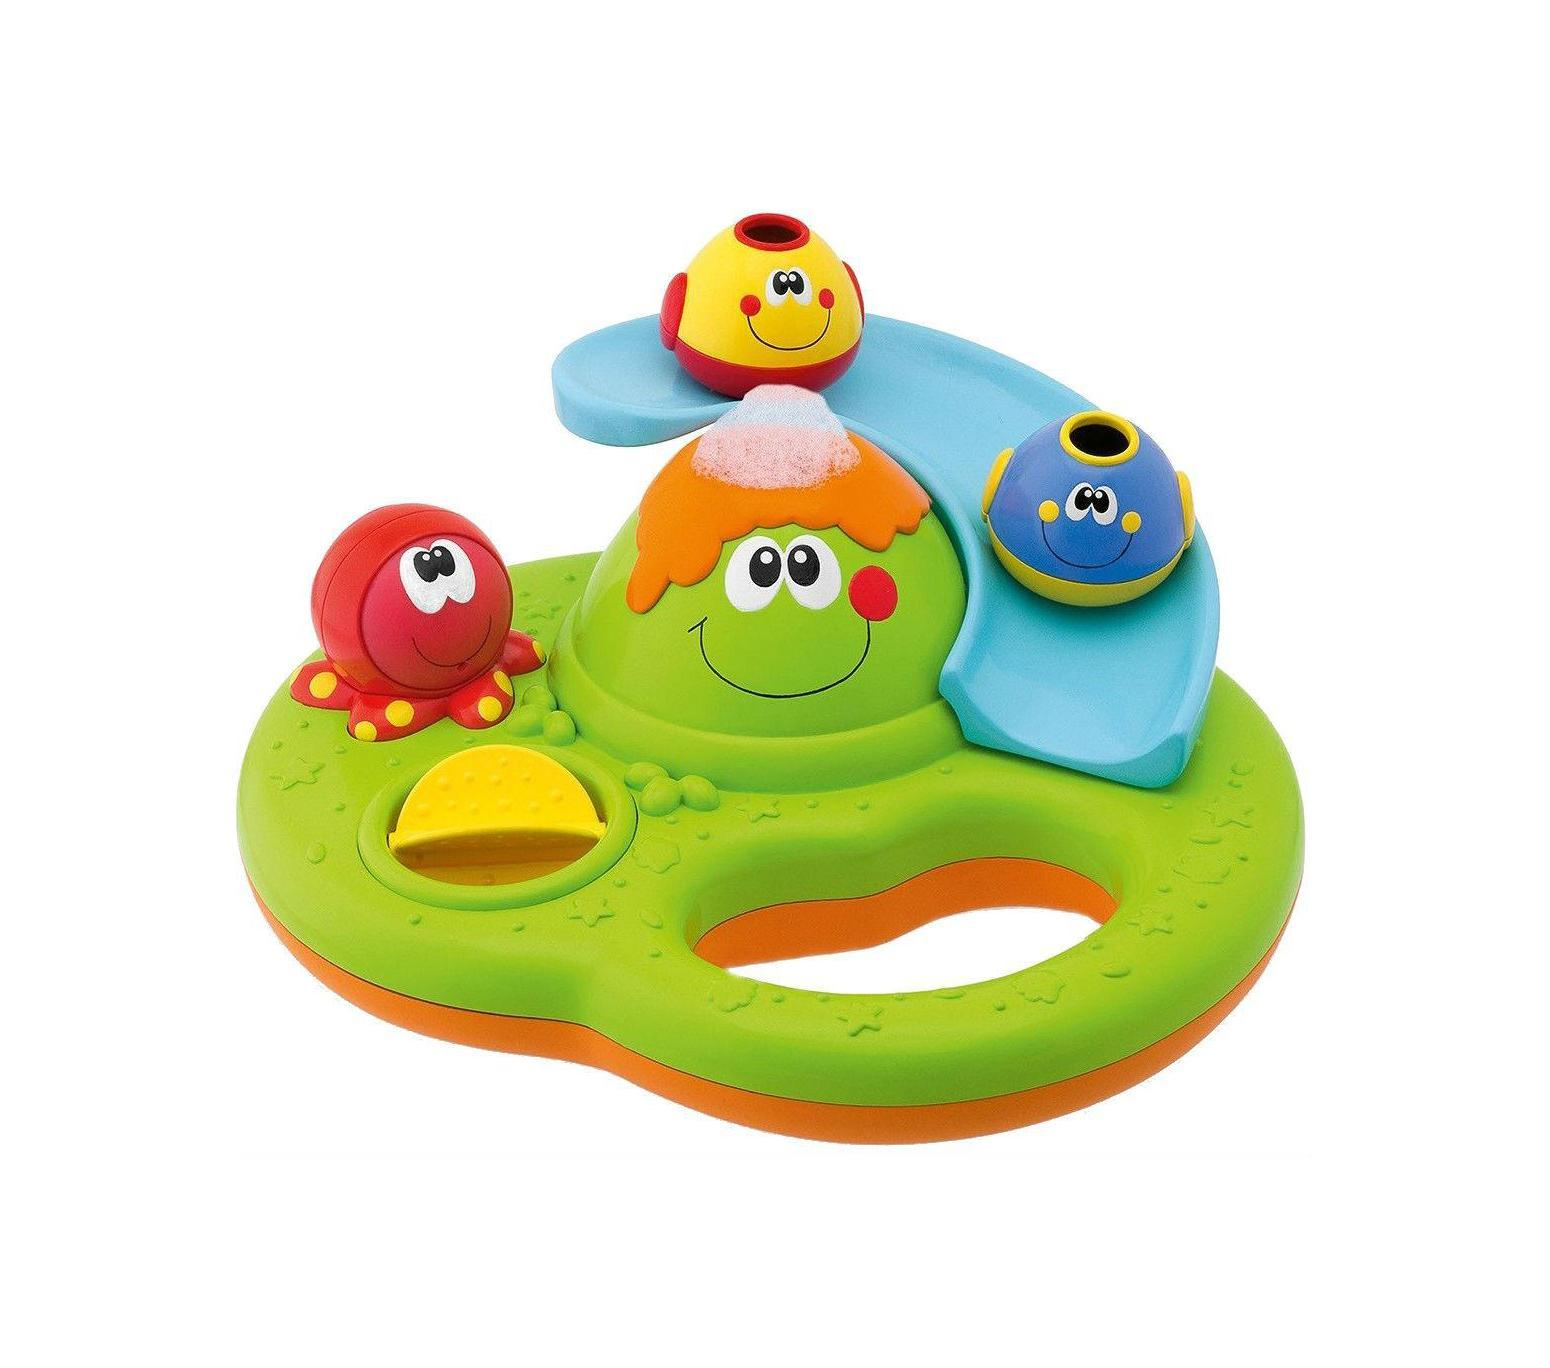 Игрушка для ванны «Остров с пузырьками»Игрушки для ванной<br>Игрушка для ванны «Остров с пузырьками»<br>